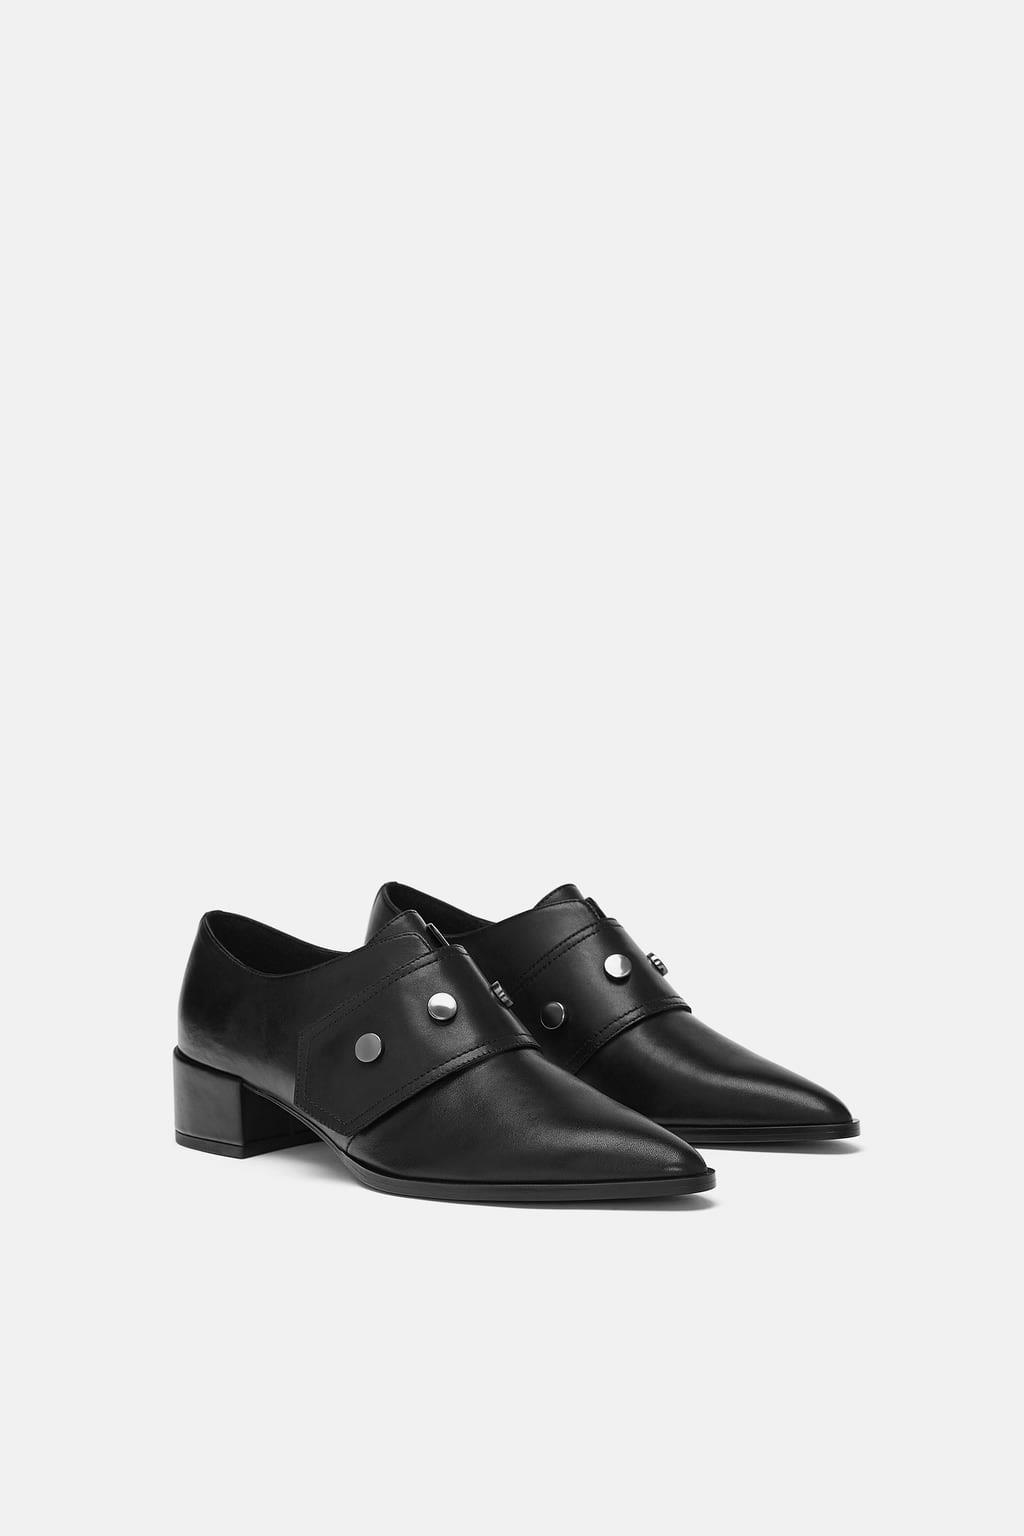 2f1d0cca379bd Los zapatos de invierno de mujer - InStyle